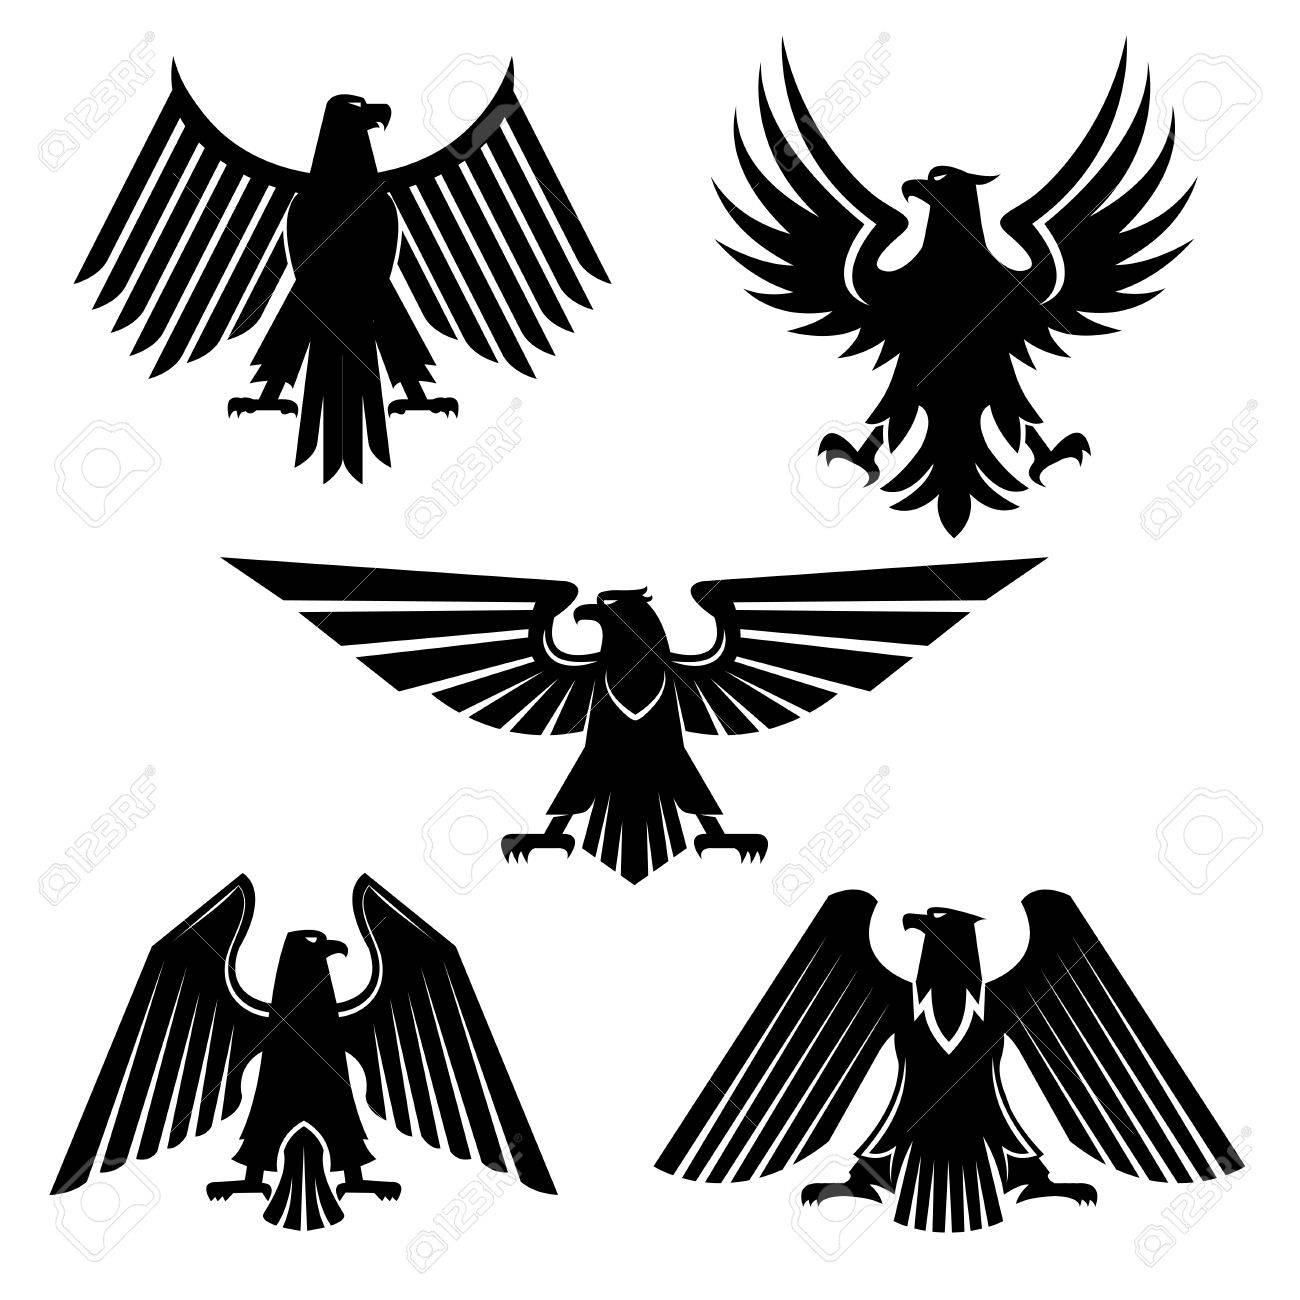 Aigle Heraldique Ou Oiseau De Proie Ensemble D Icones Silhouette De